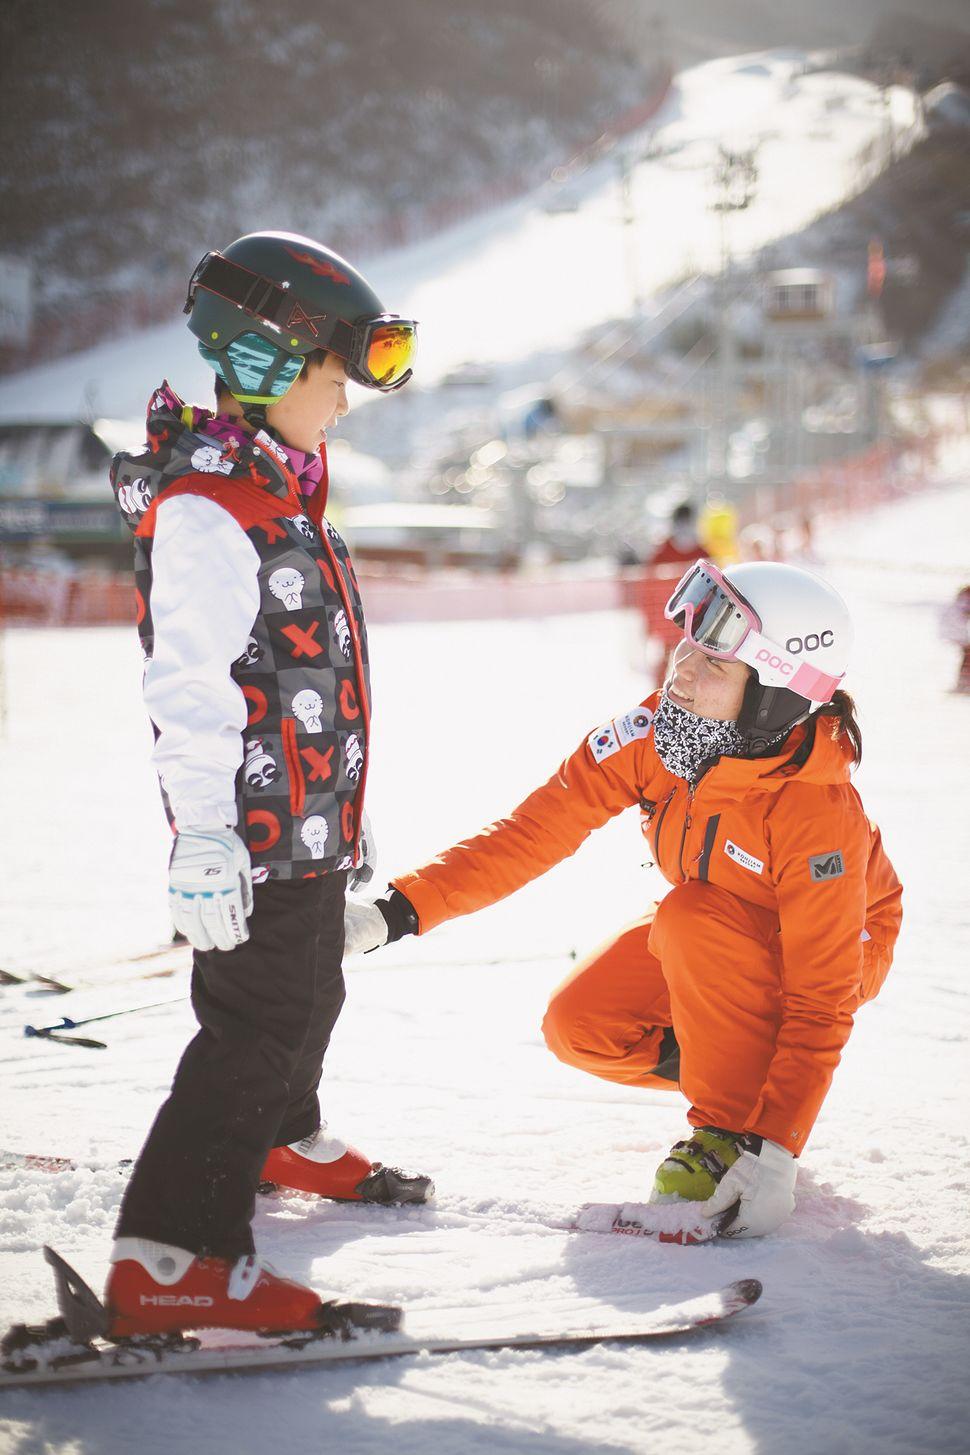 곤지암리조트는 올림픽을 앞두고 어린이를 위한 스키 강습 프로그램을 강화했다.